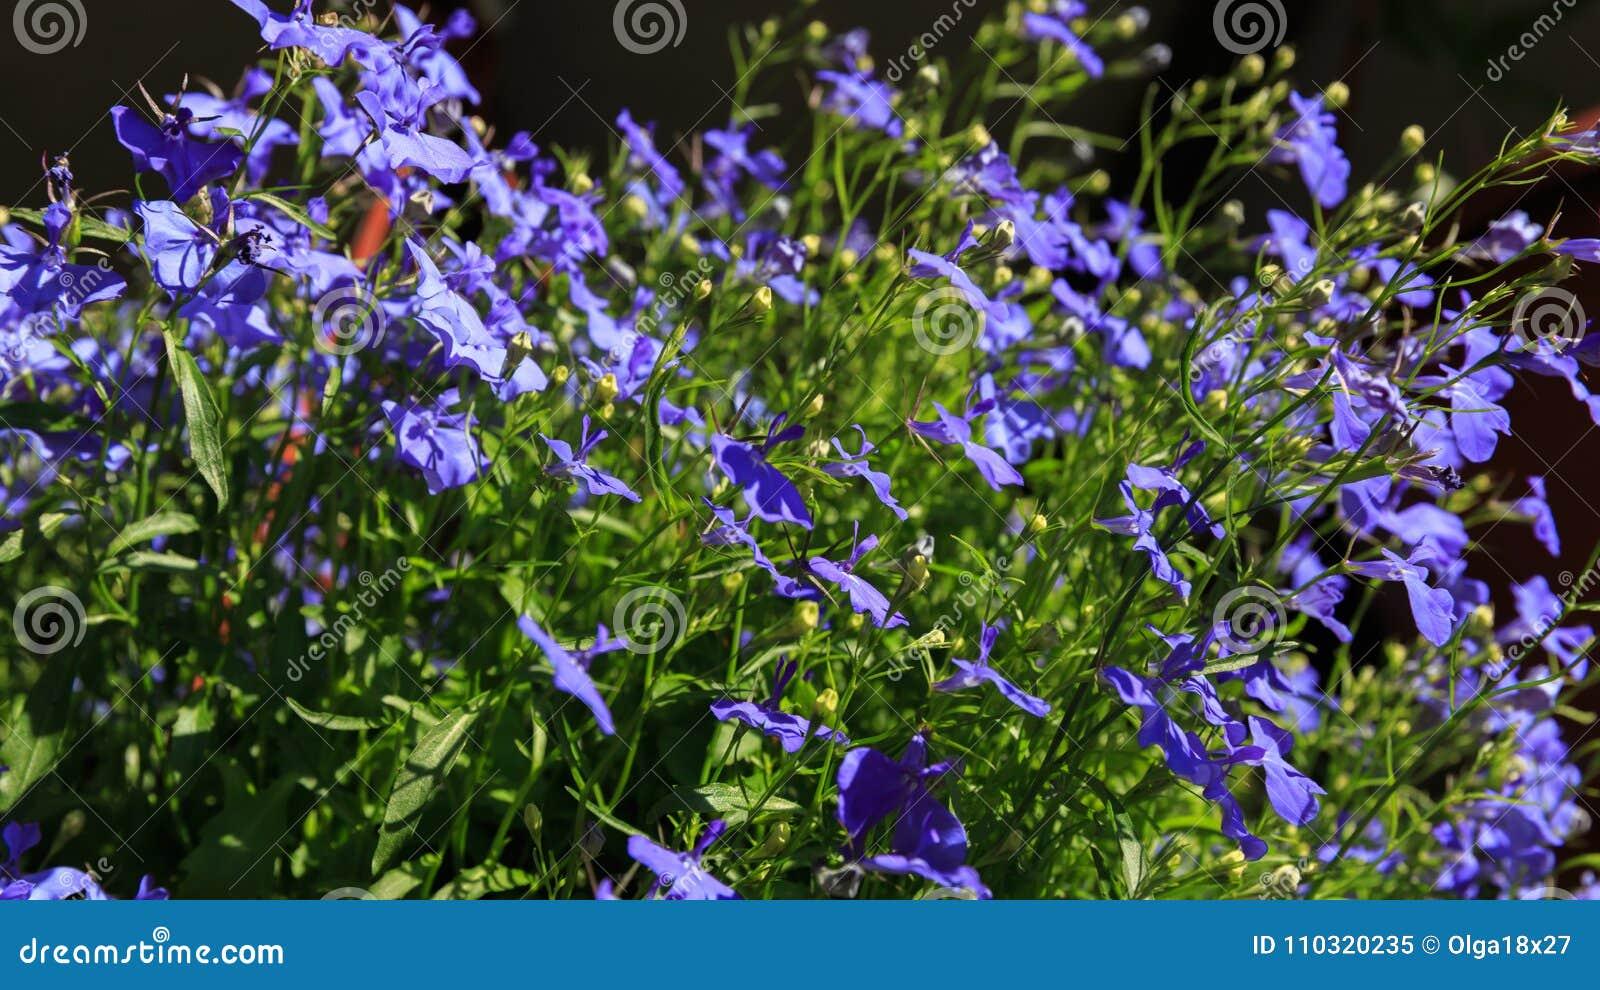 Blue Trailing Lobelia Sapphire Flowers Or Edging Lobelia Garden